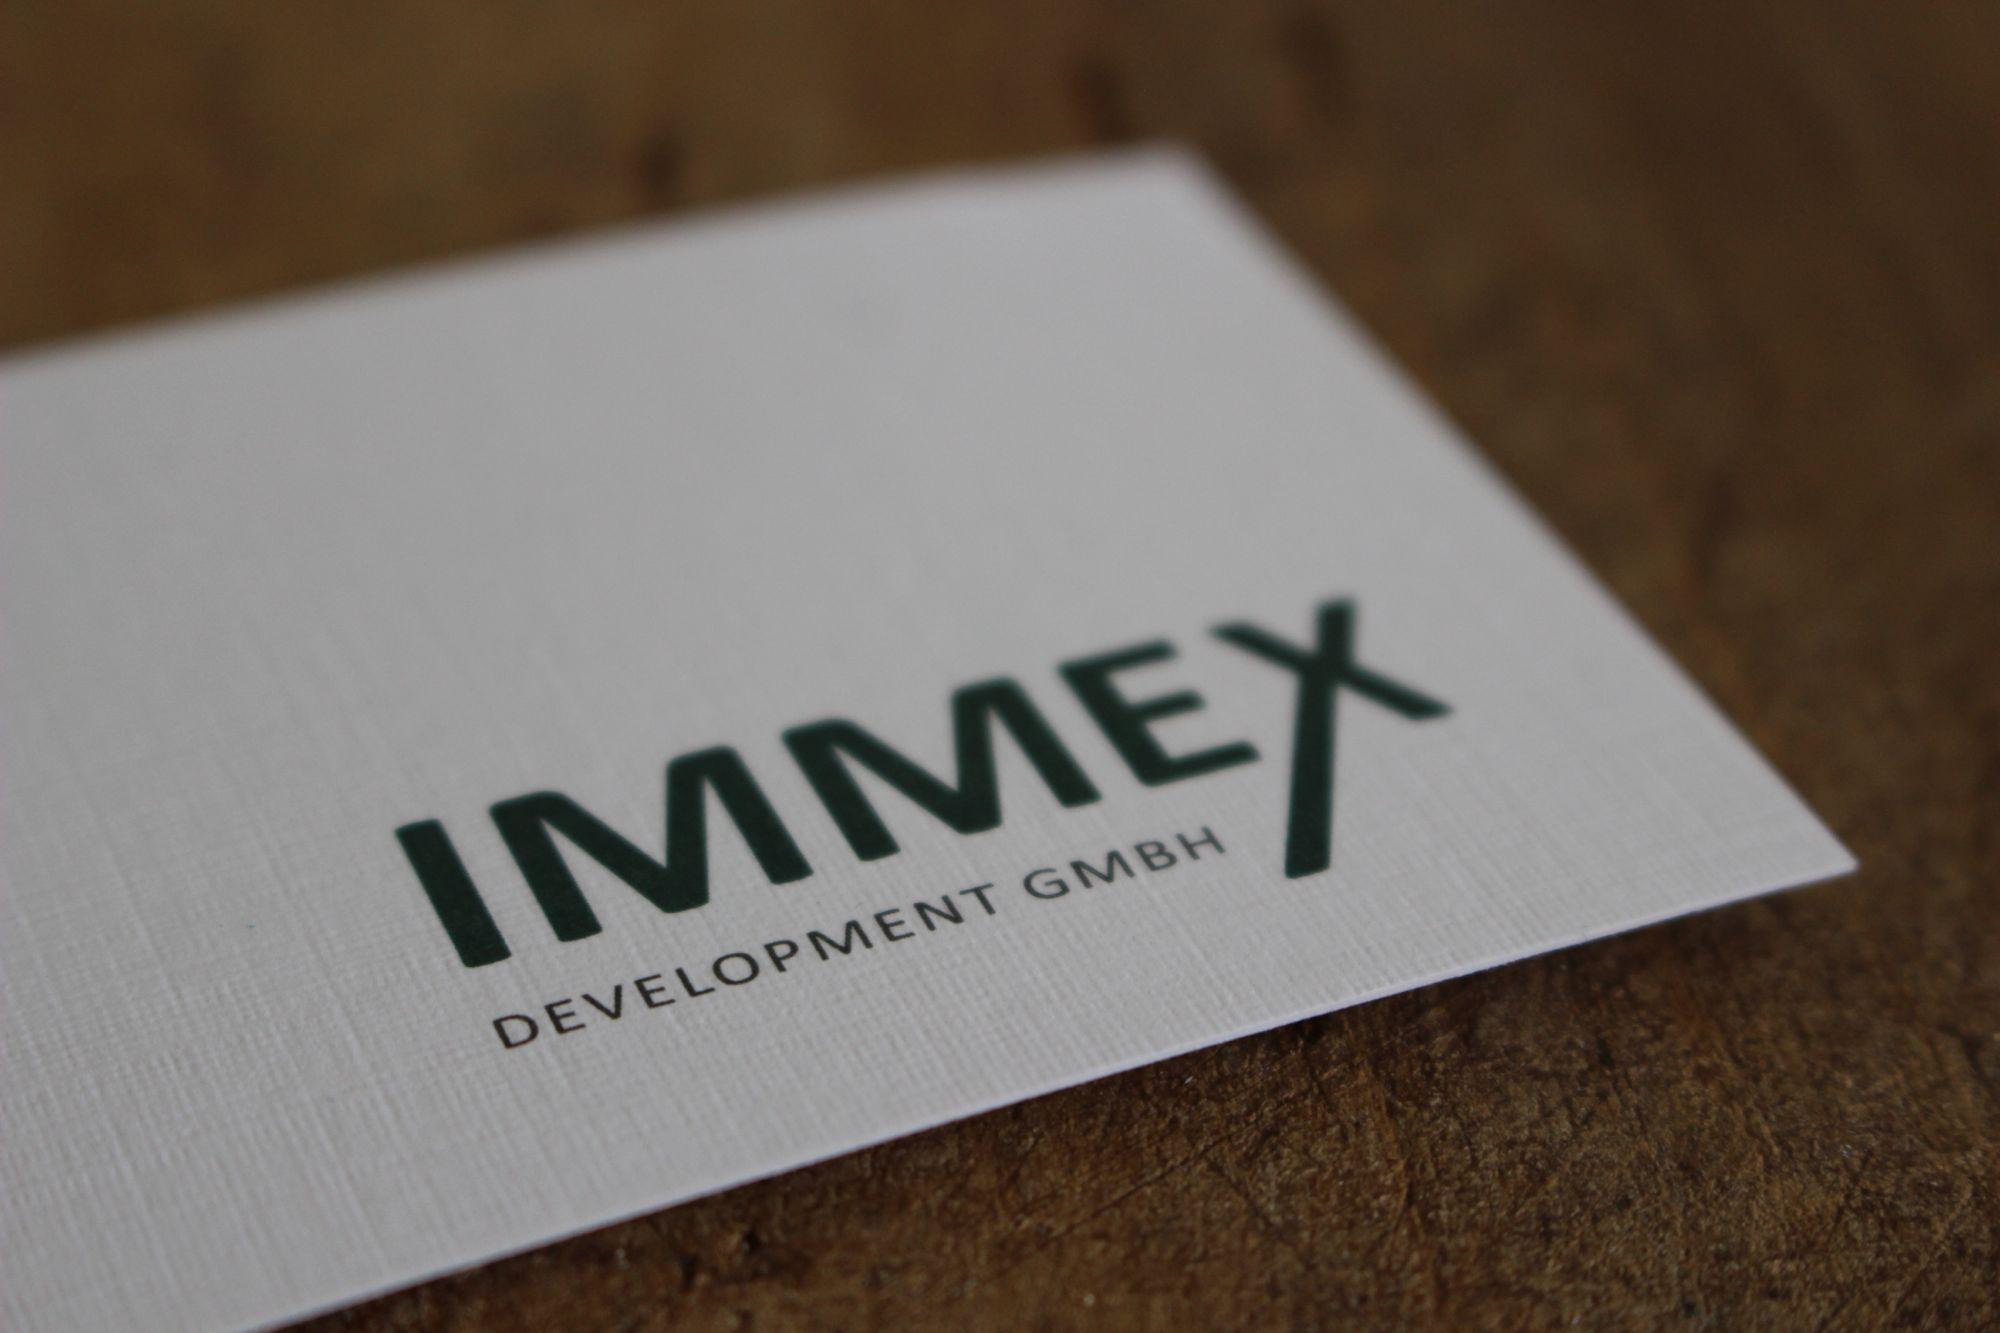 Visitenkarten für Immex Development GmbH